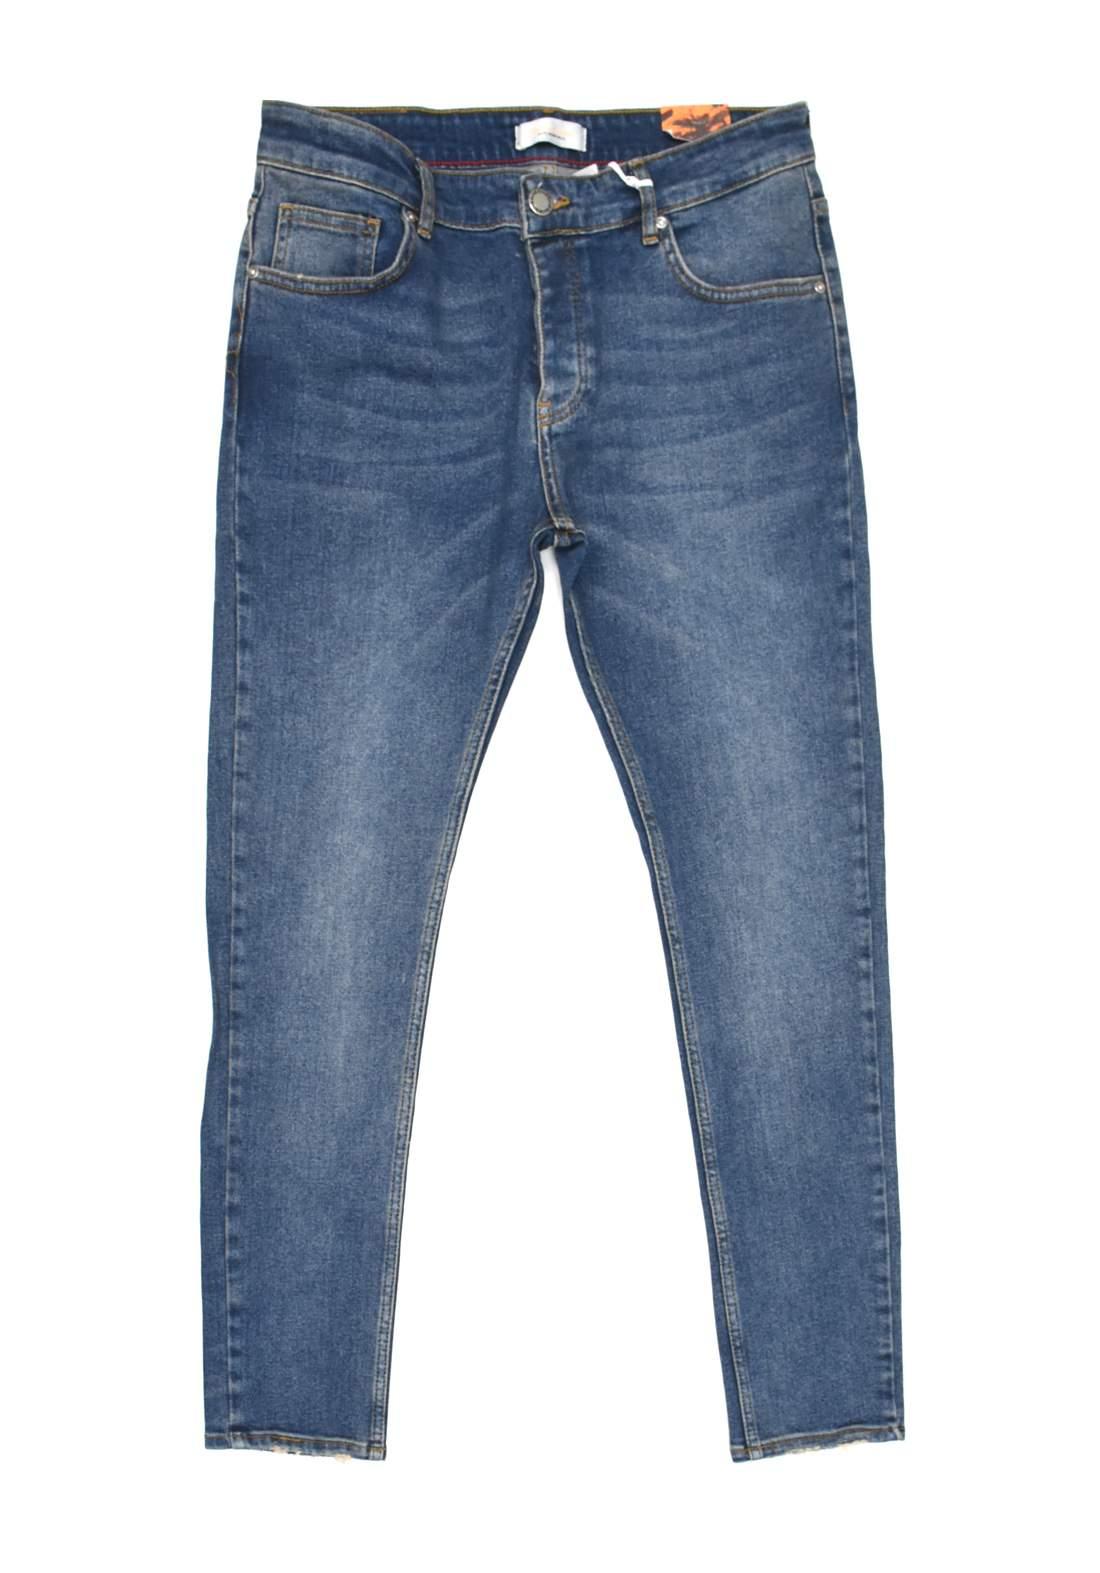 بنطلون جينز رجالي ازرق اللون